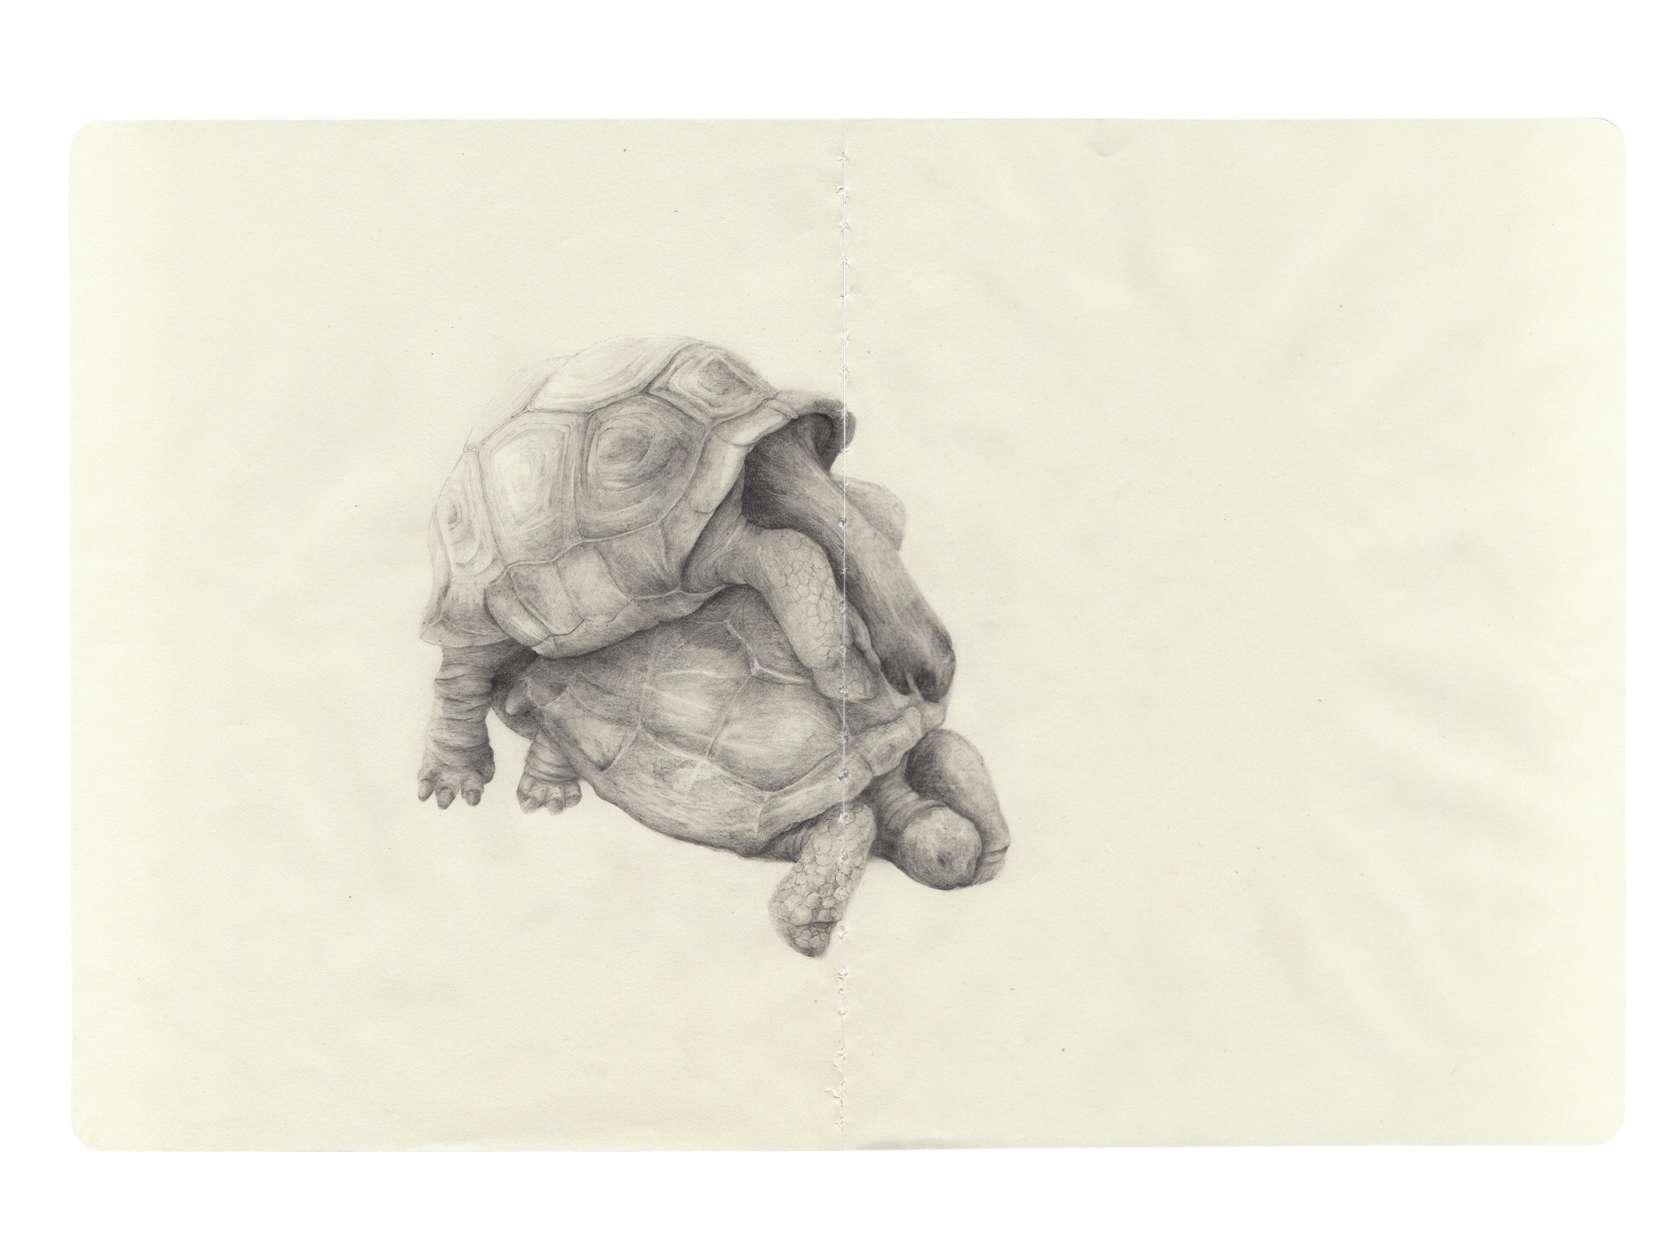 Laurent Le Deunff, Rut  (tortues), 2011 Crayon sur papier Moleskine25 × 38 cm / 9 7/8 × 15  in.